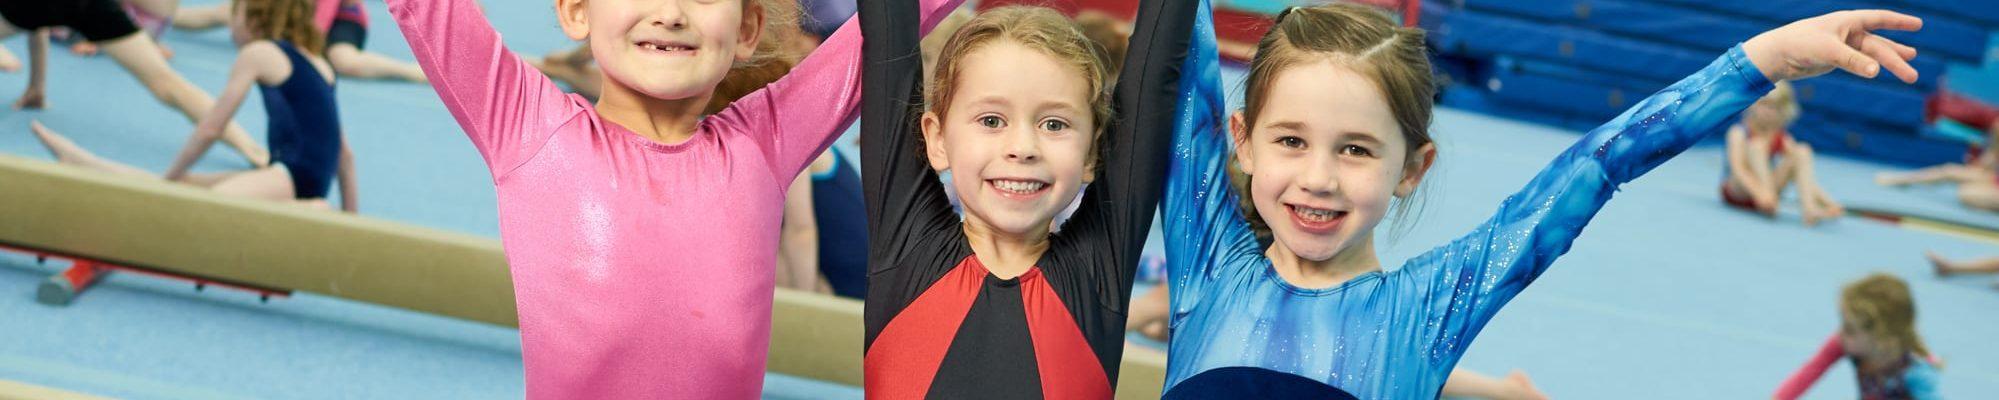 Alex Collie Gymnastics Performance Centre